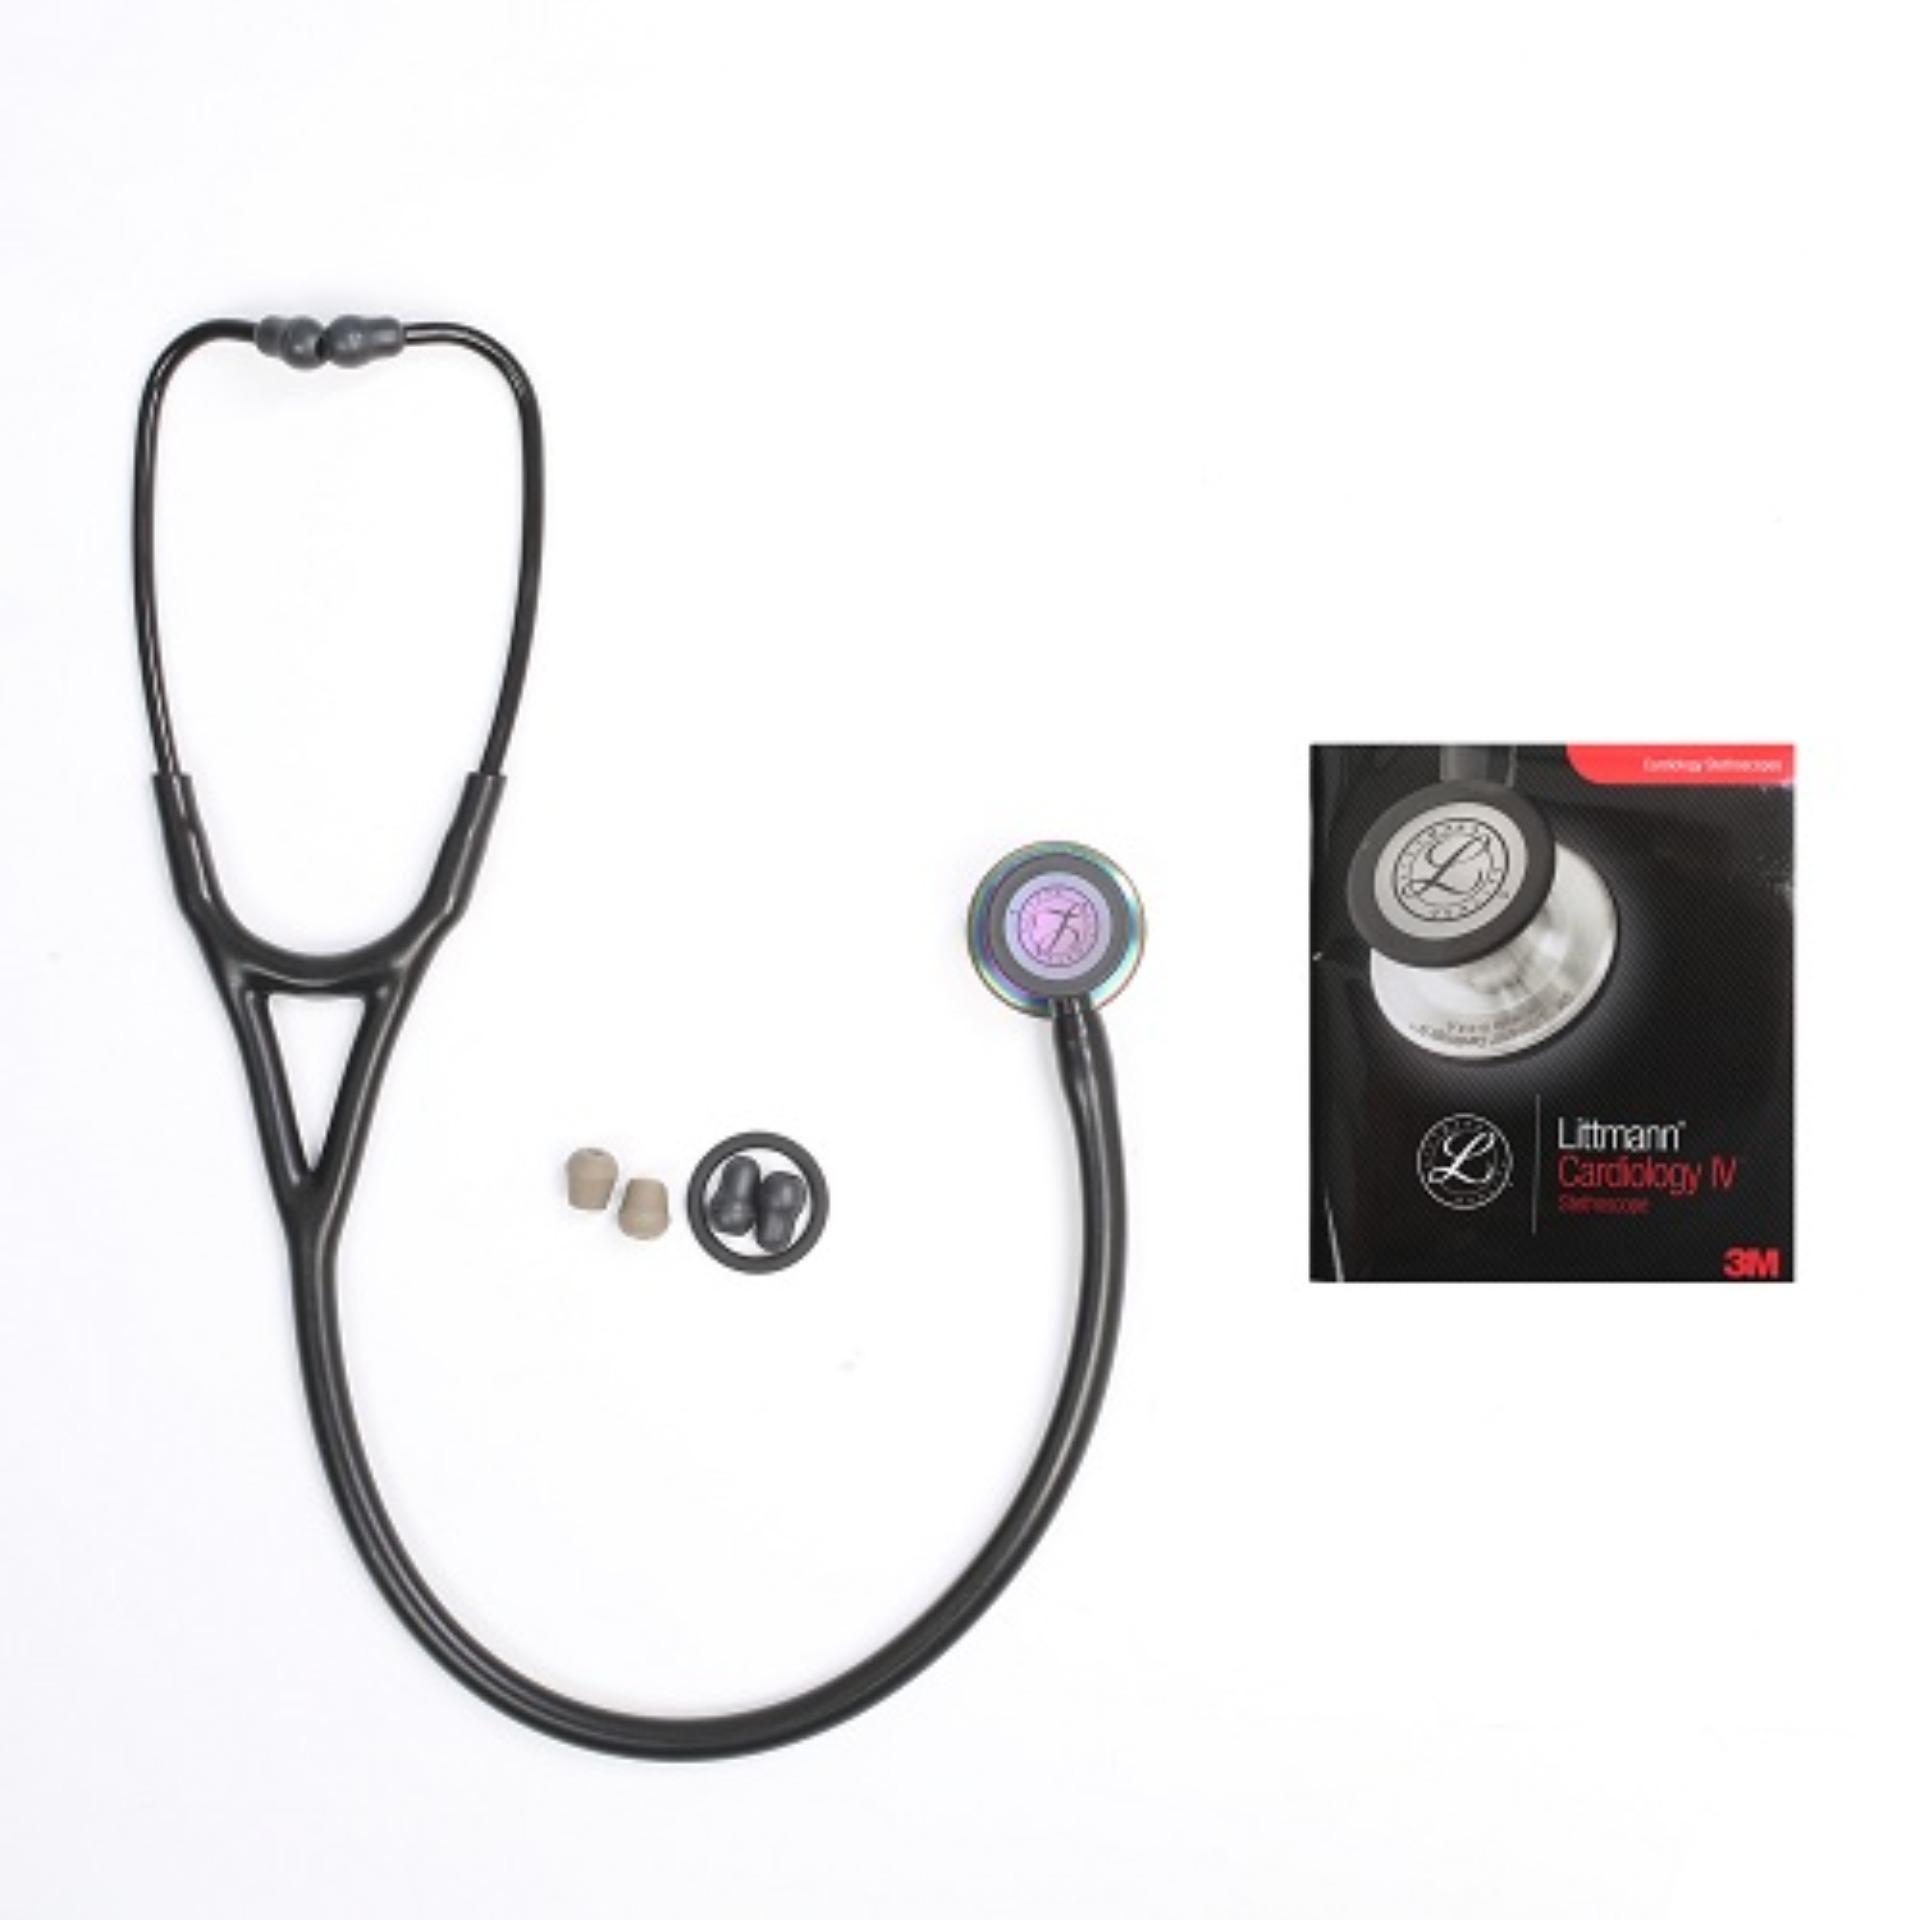 Hình ảnh Ống Nghe Littmann Cardiology I.V - Đen mặt cầu vồng 6165